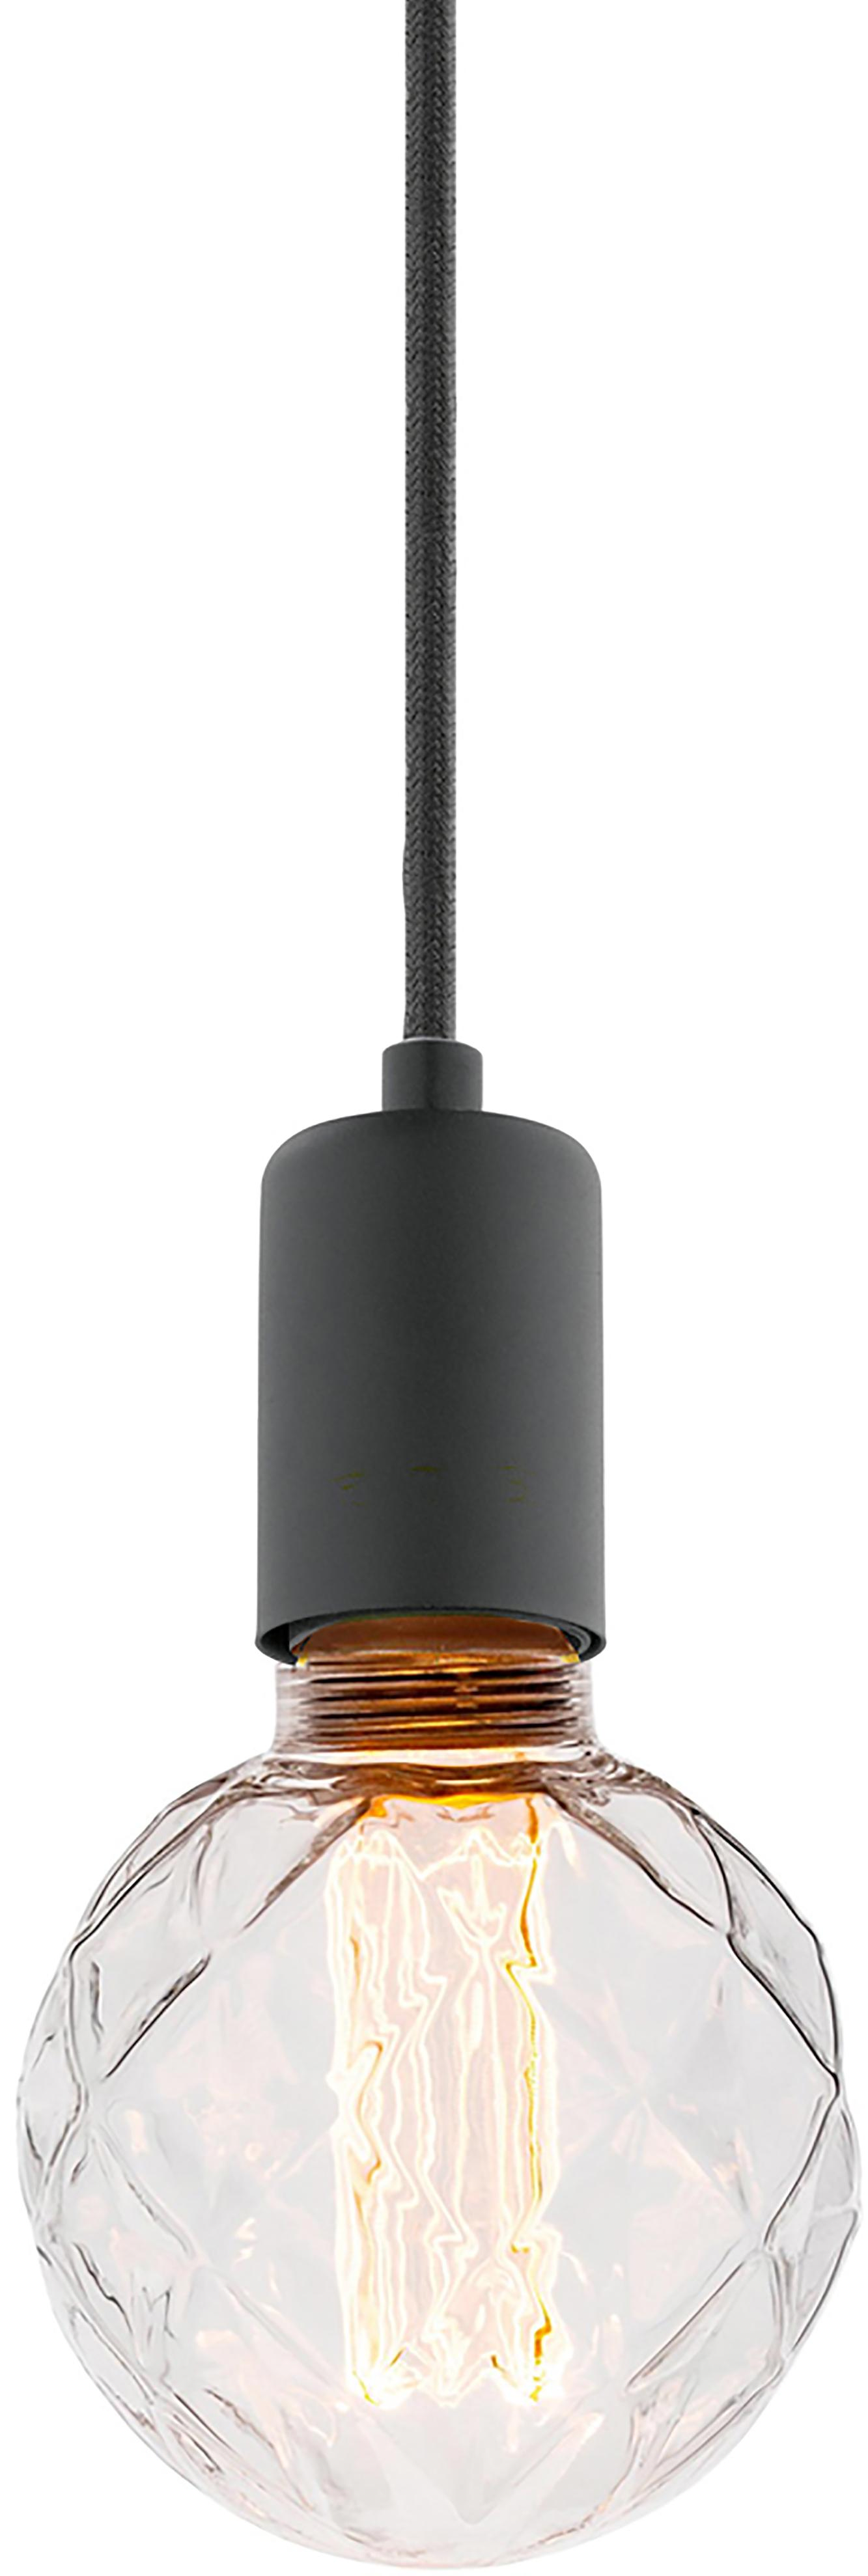 Pendelleuchte Trey, Baldachin: Metall, pulverbeschichtet, Schwarz,matt, ∅ 10 x H 8 cm